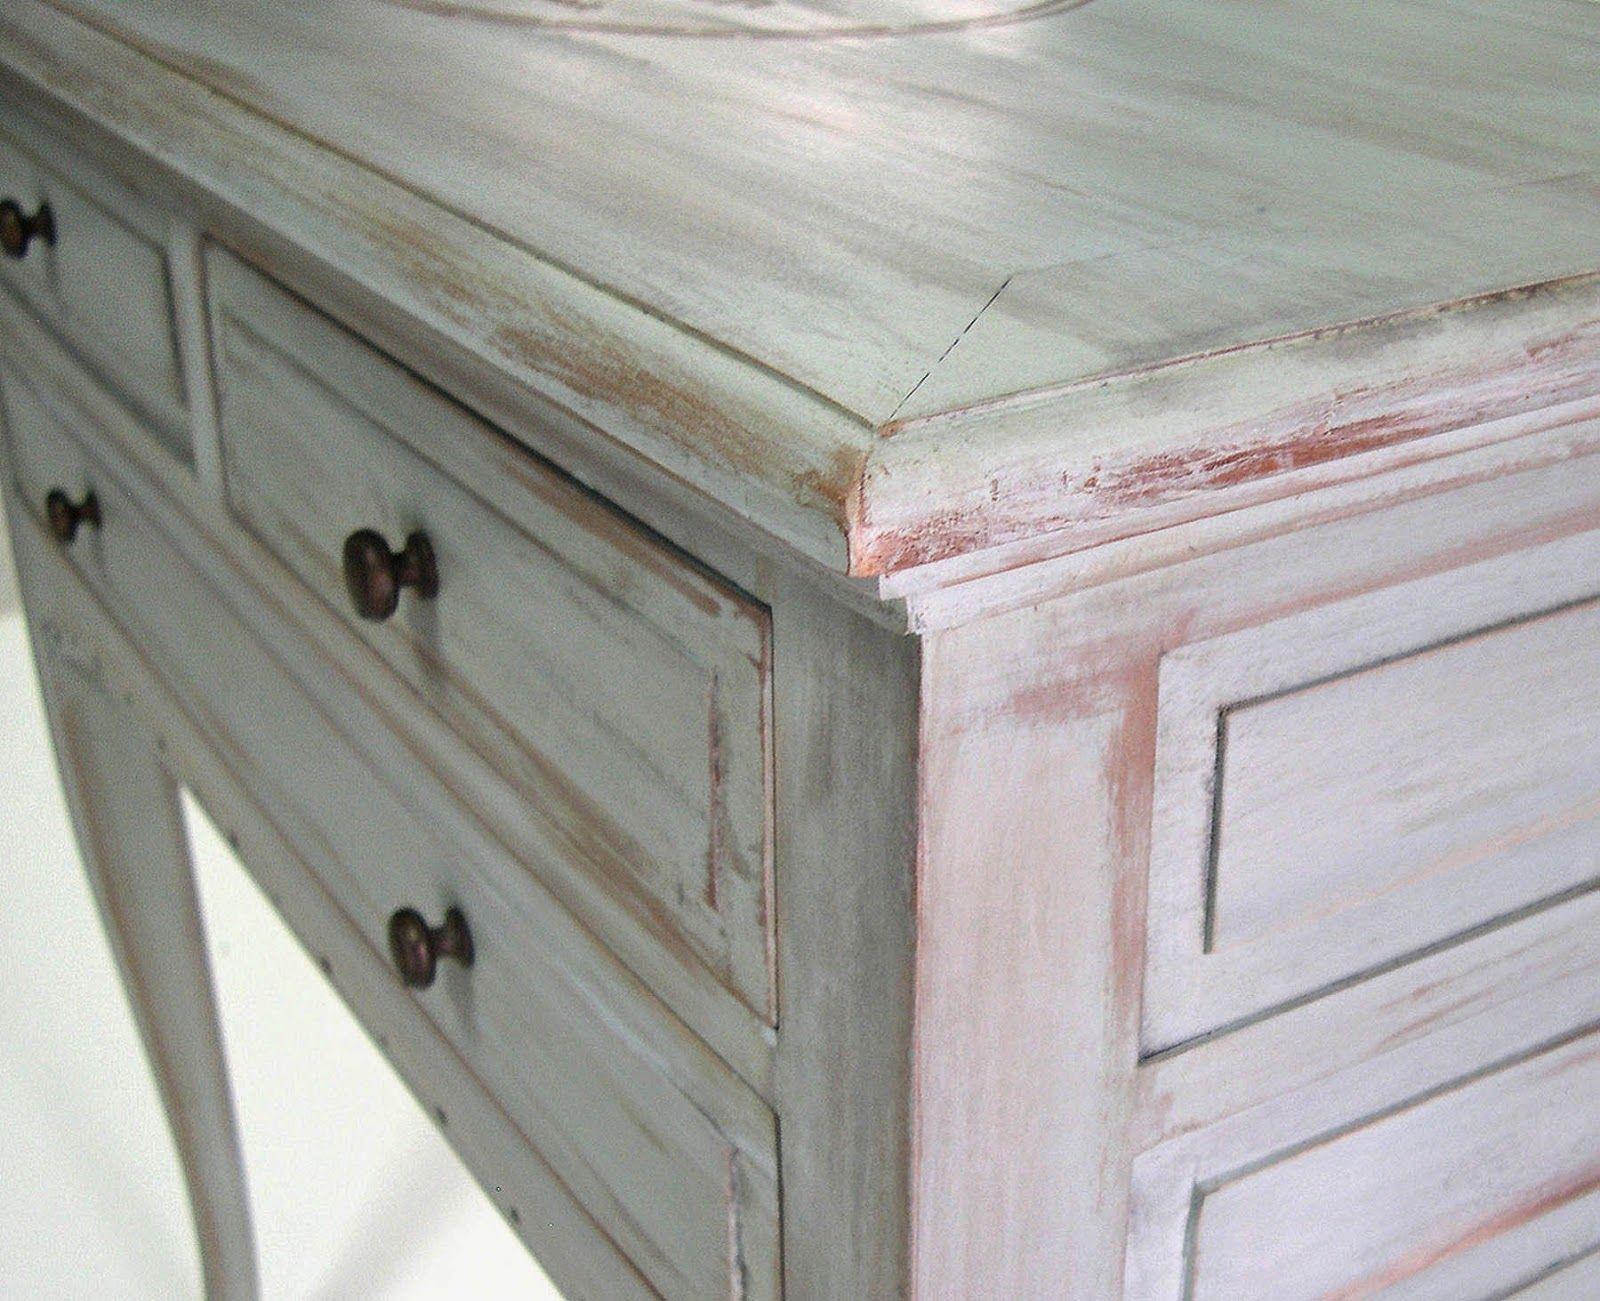 El Chalky Blog Tecnica Decapado Con Lija De Pintura Chalky Con  # Muebles Efecto Desgastado